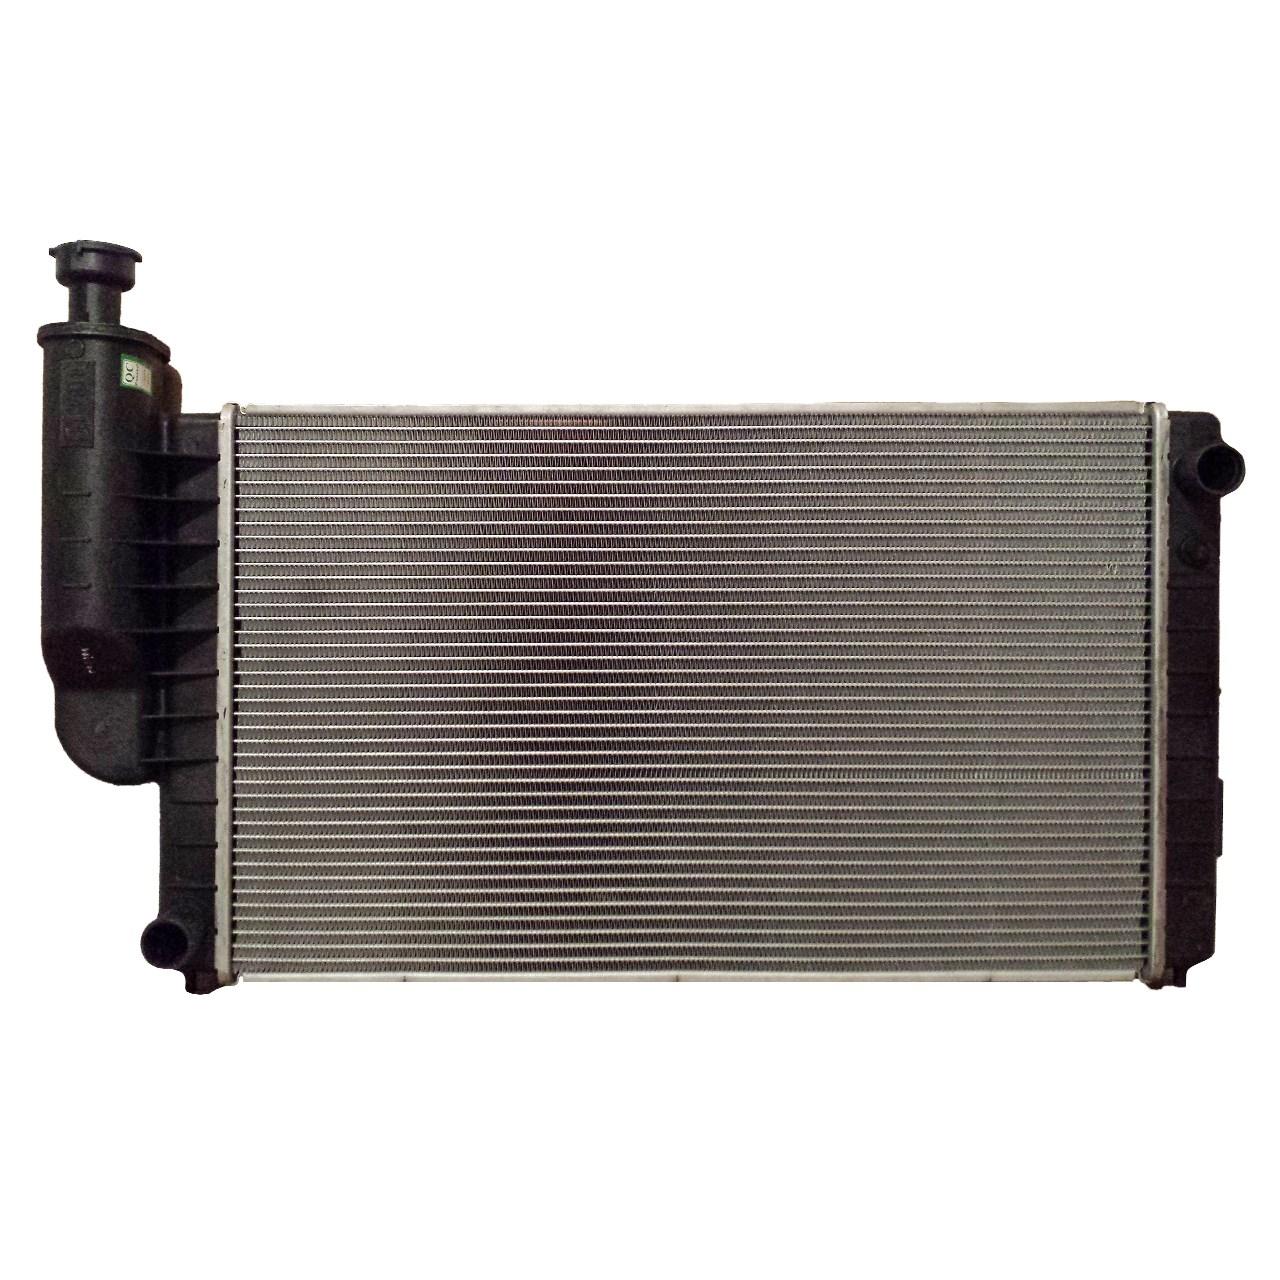 رادیاتور آب رادیاتور ایران مدل 143714 مناسب برای  پژو آردی